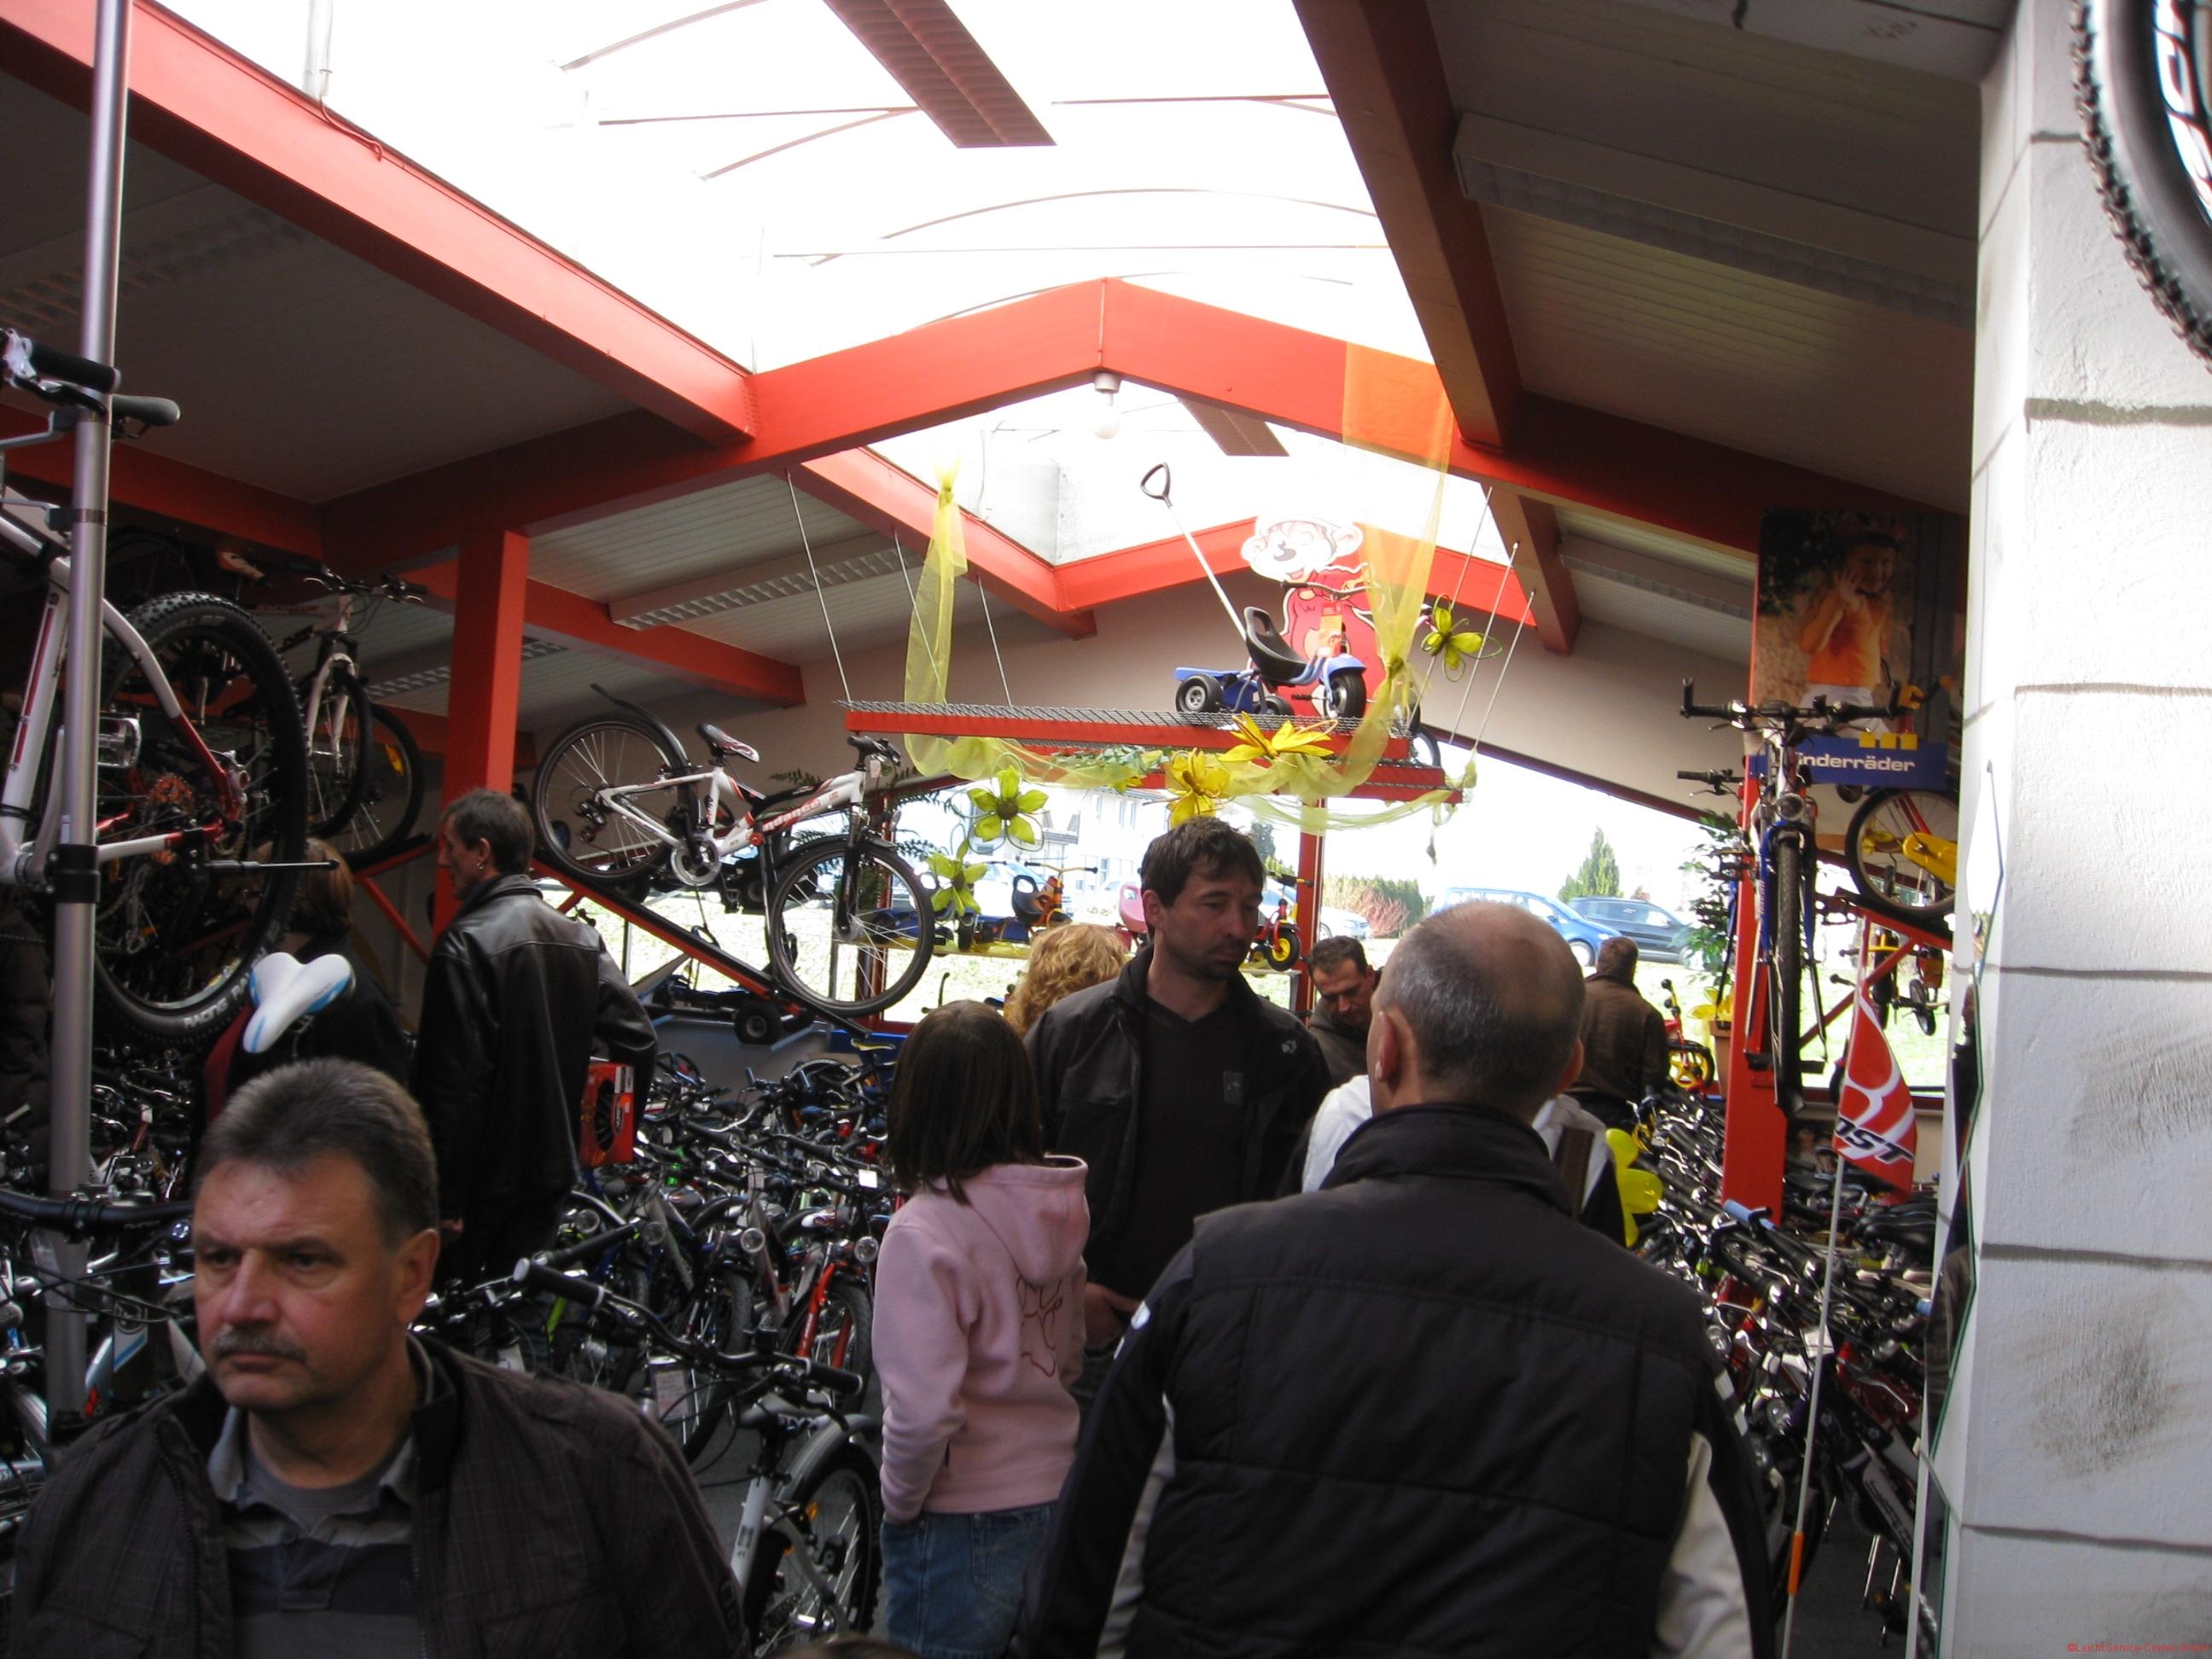 Fahrrad-Sonderschau 2011-03-20 16-09-25